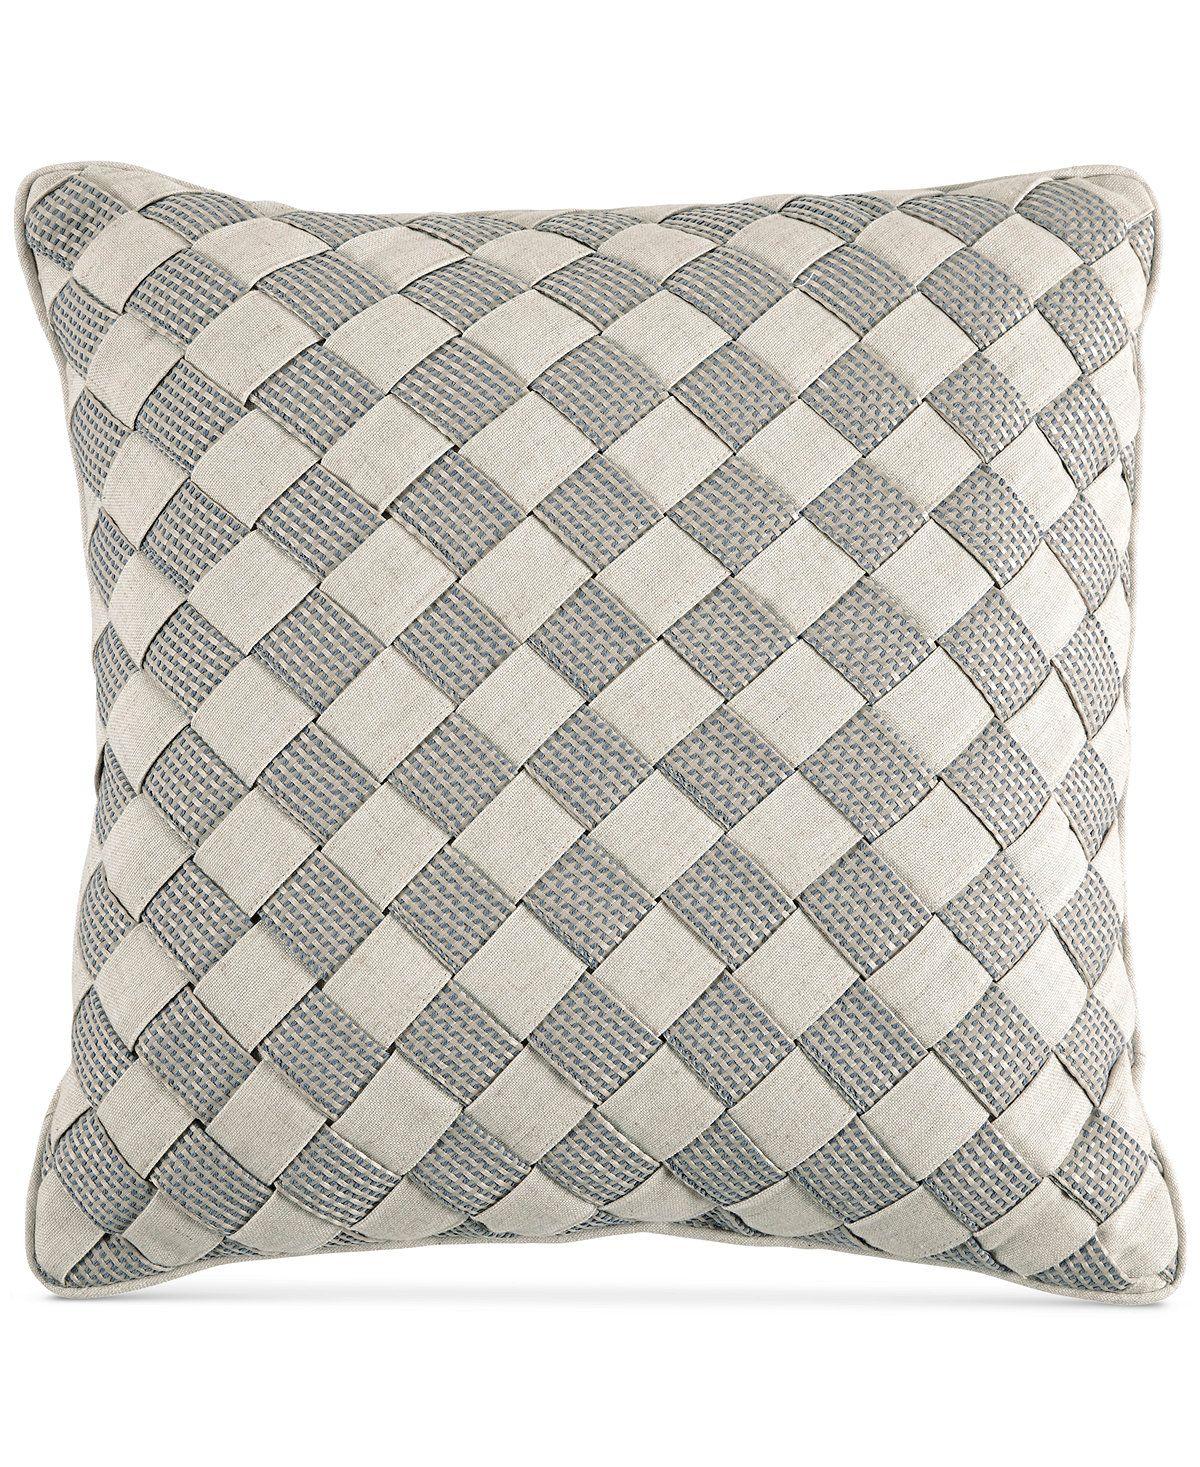 """Croscill Gavin 18"""" Square Decorative Pillow - Decorative"""